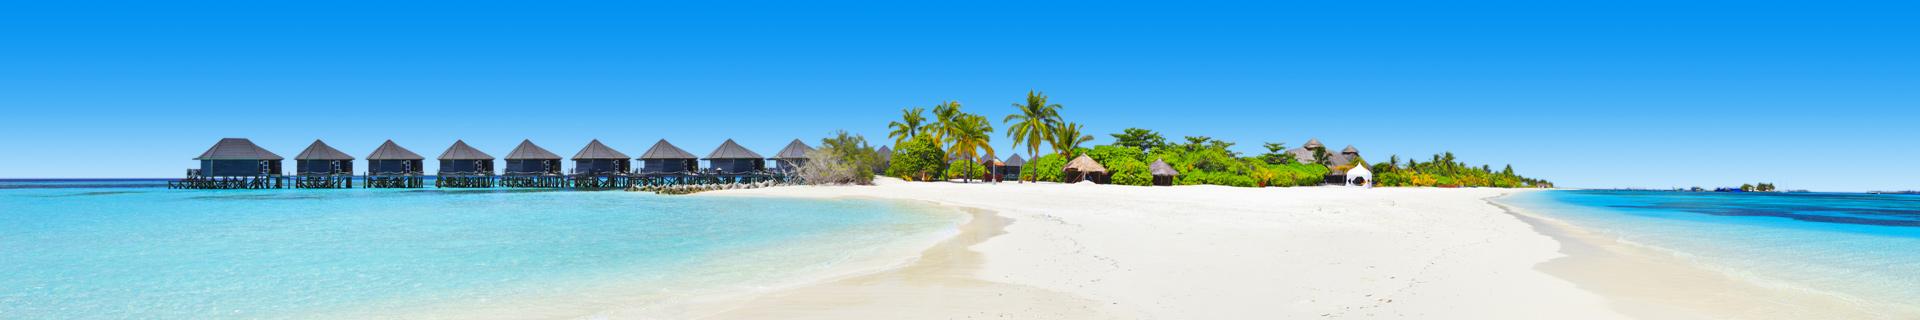 Witte zandstrand en palmbomen op de Malediven